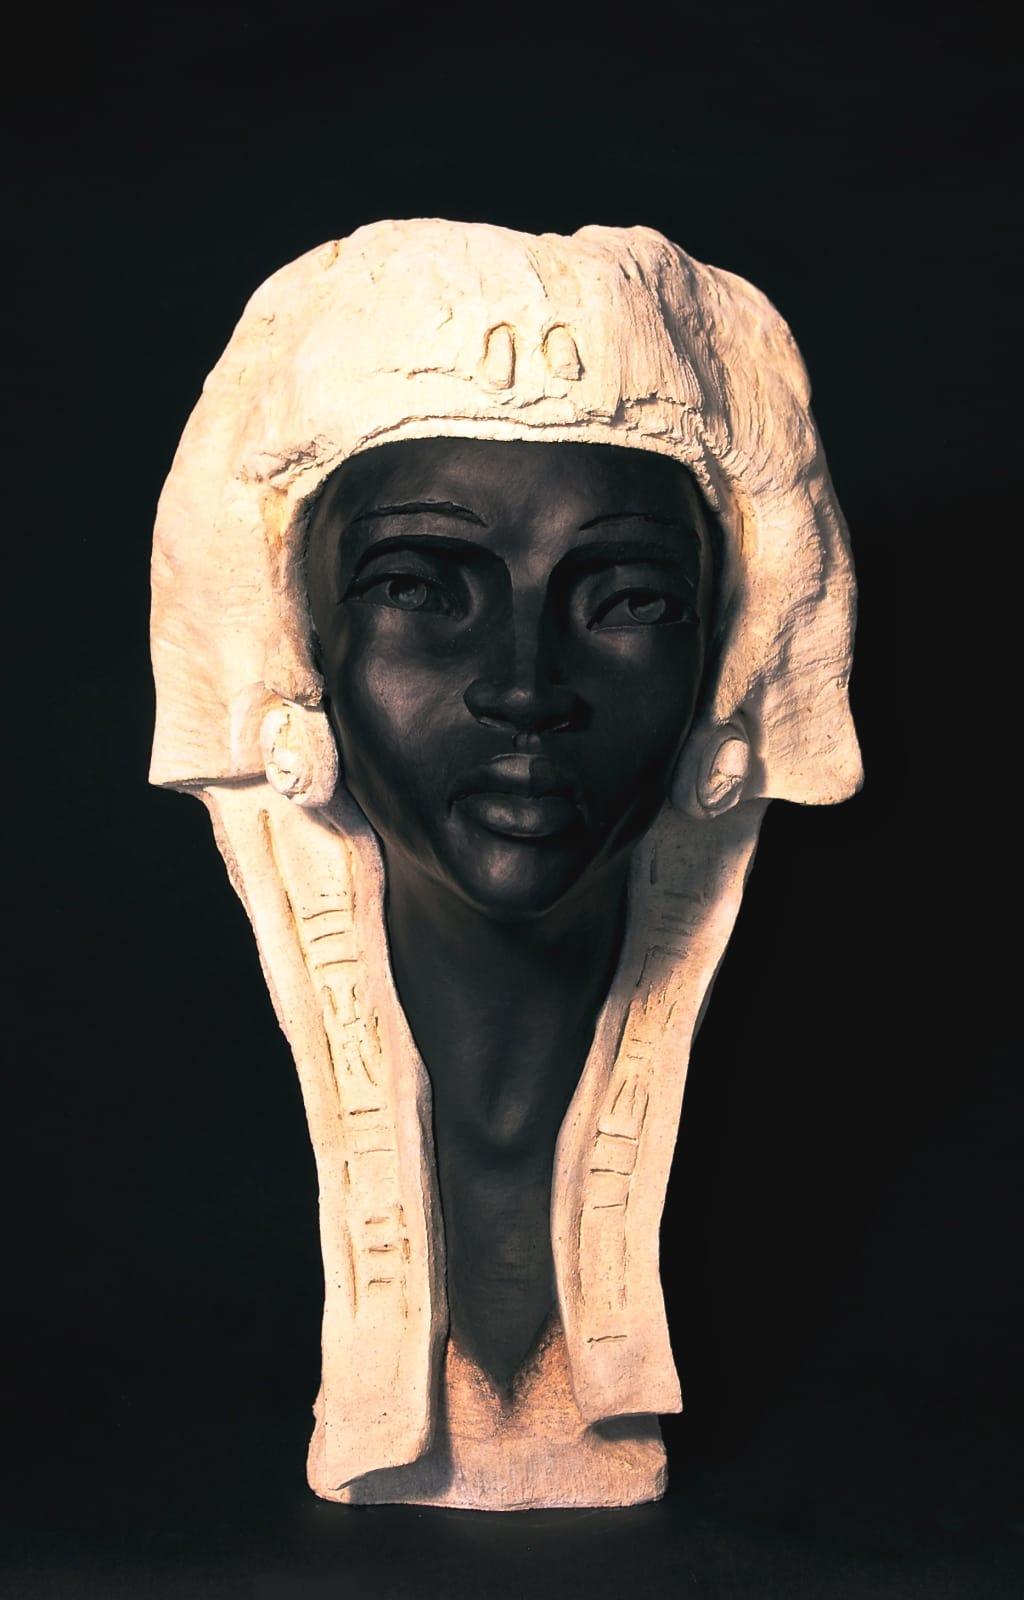 CHUKES, Queen Tiye AKA Aunt Jemina The Pamca